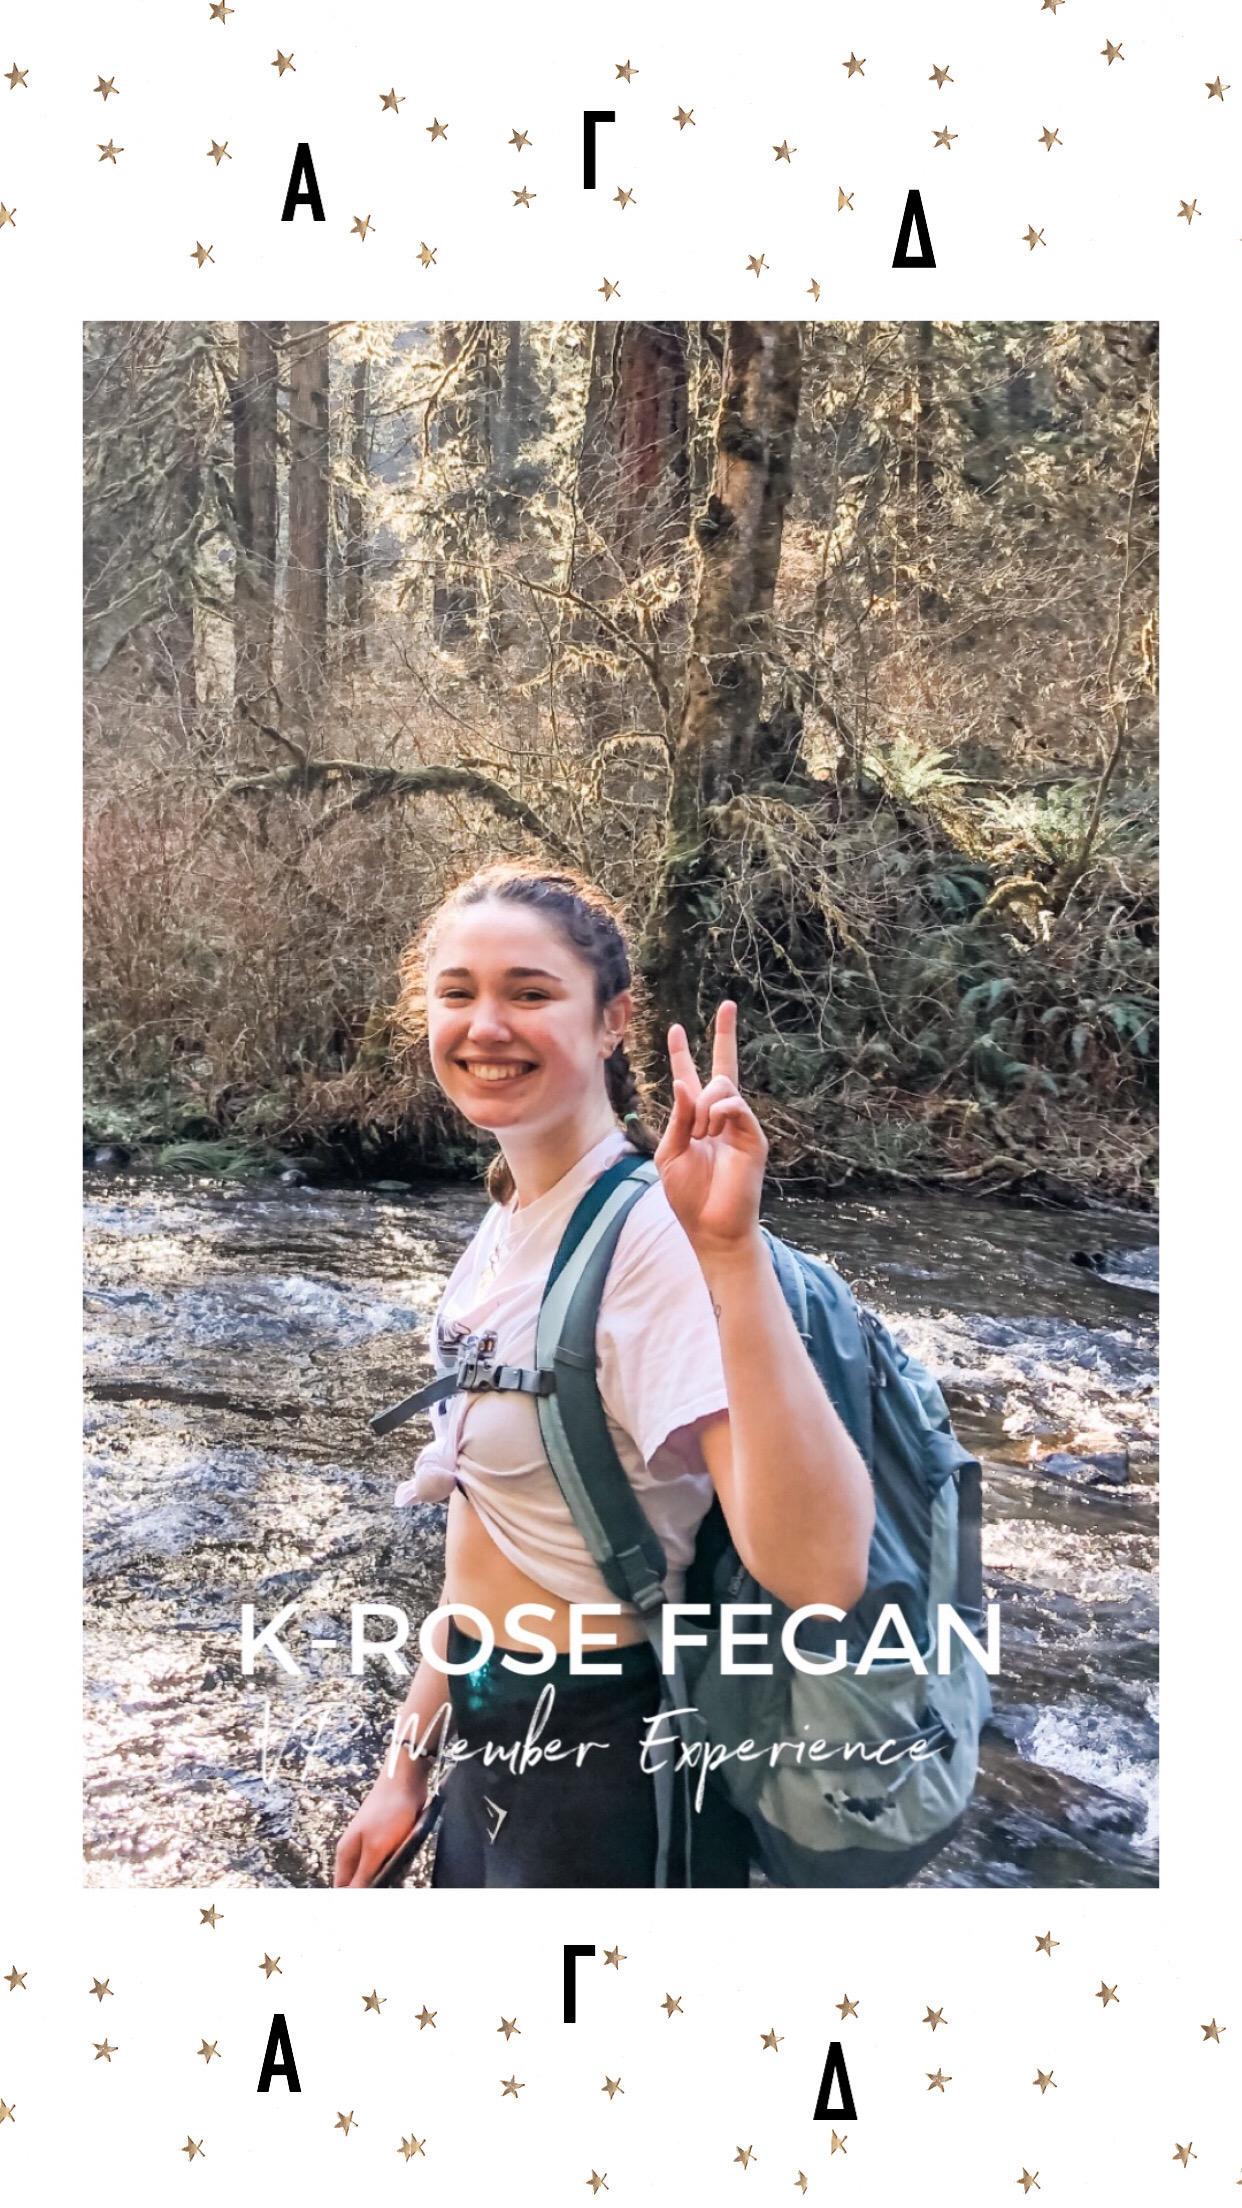 officer Katherine-Rose Fegan